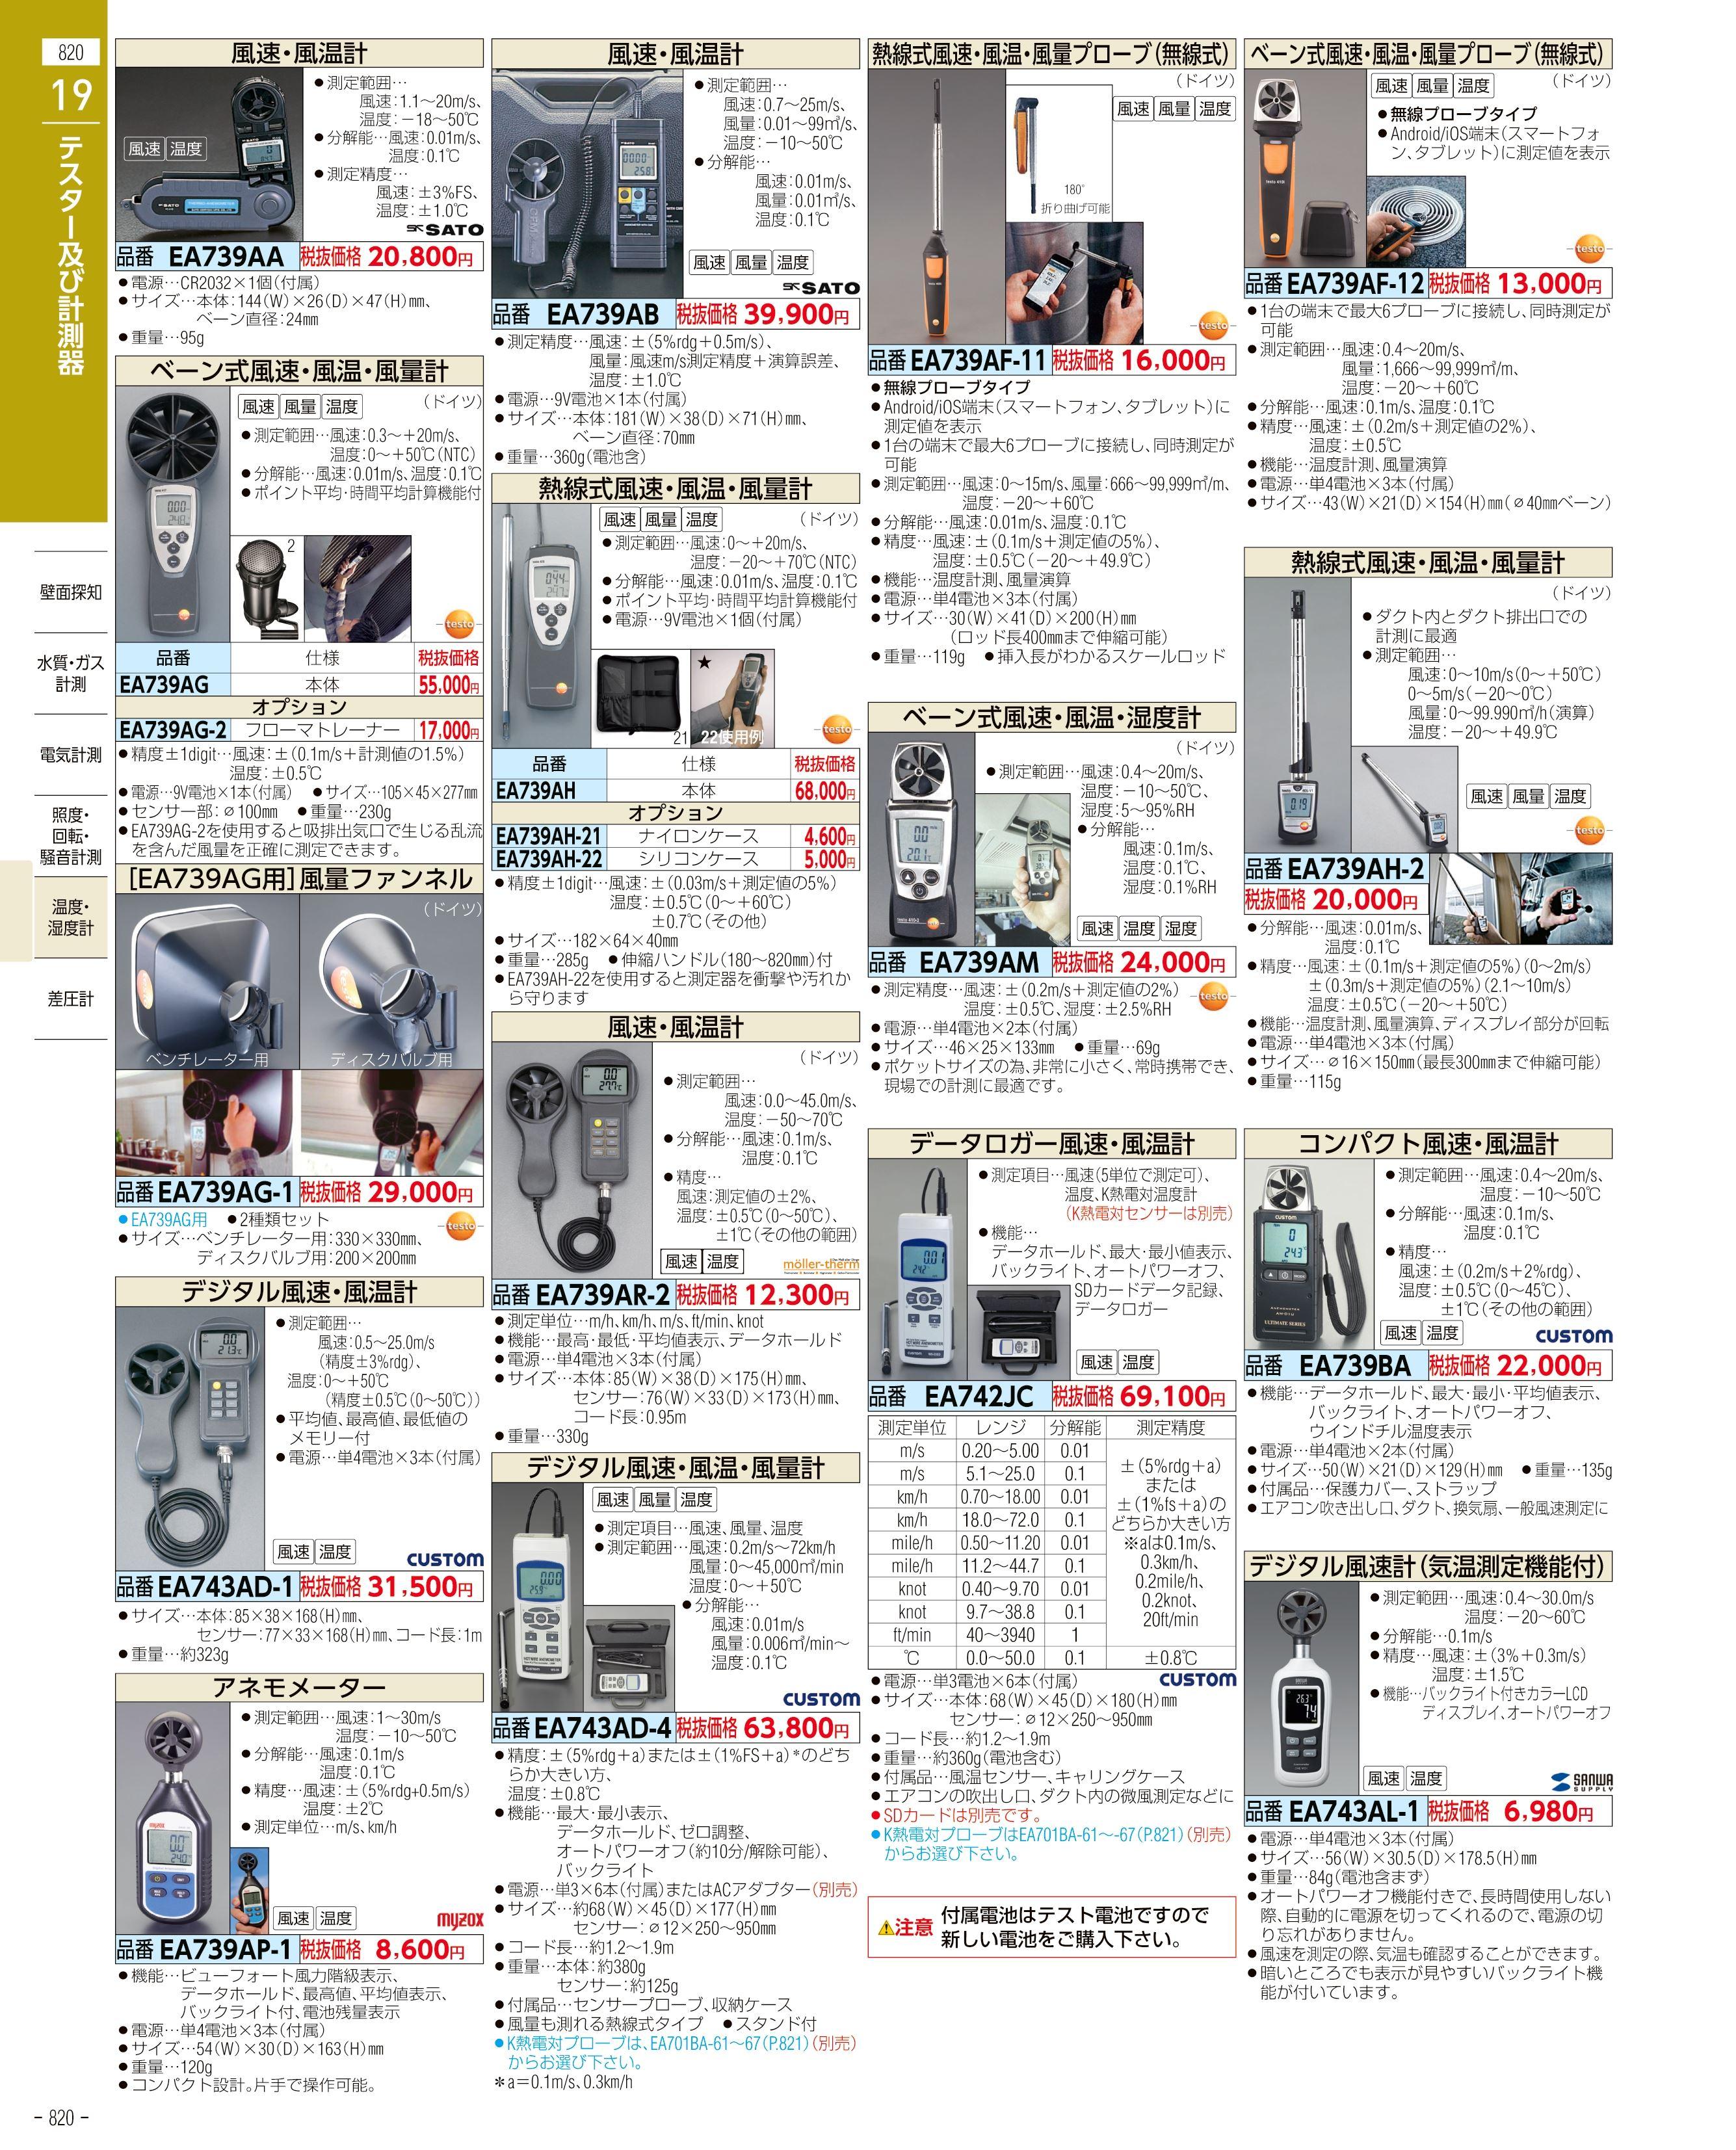 エスコ便利カタログ820ページ